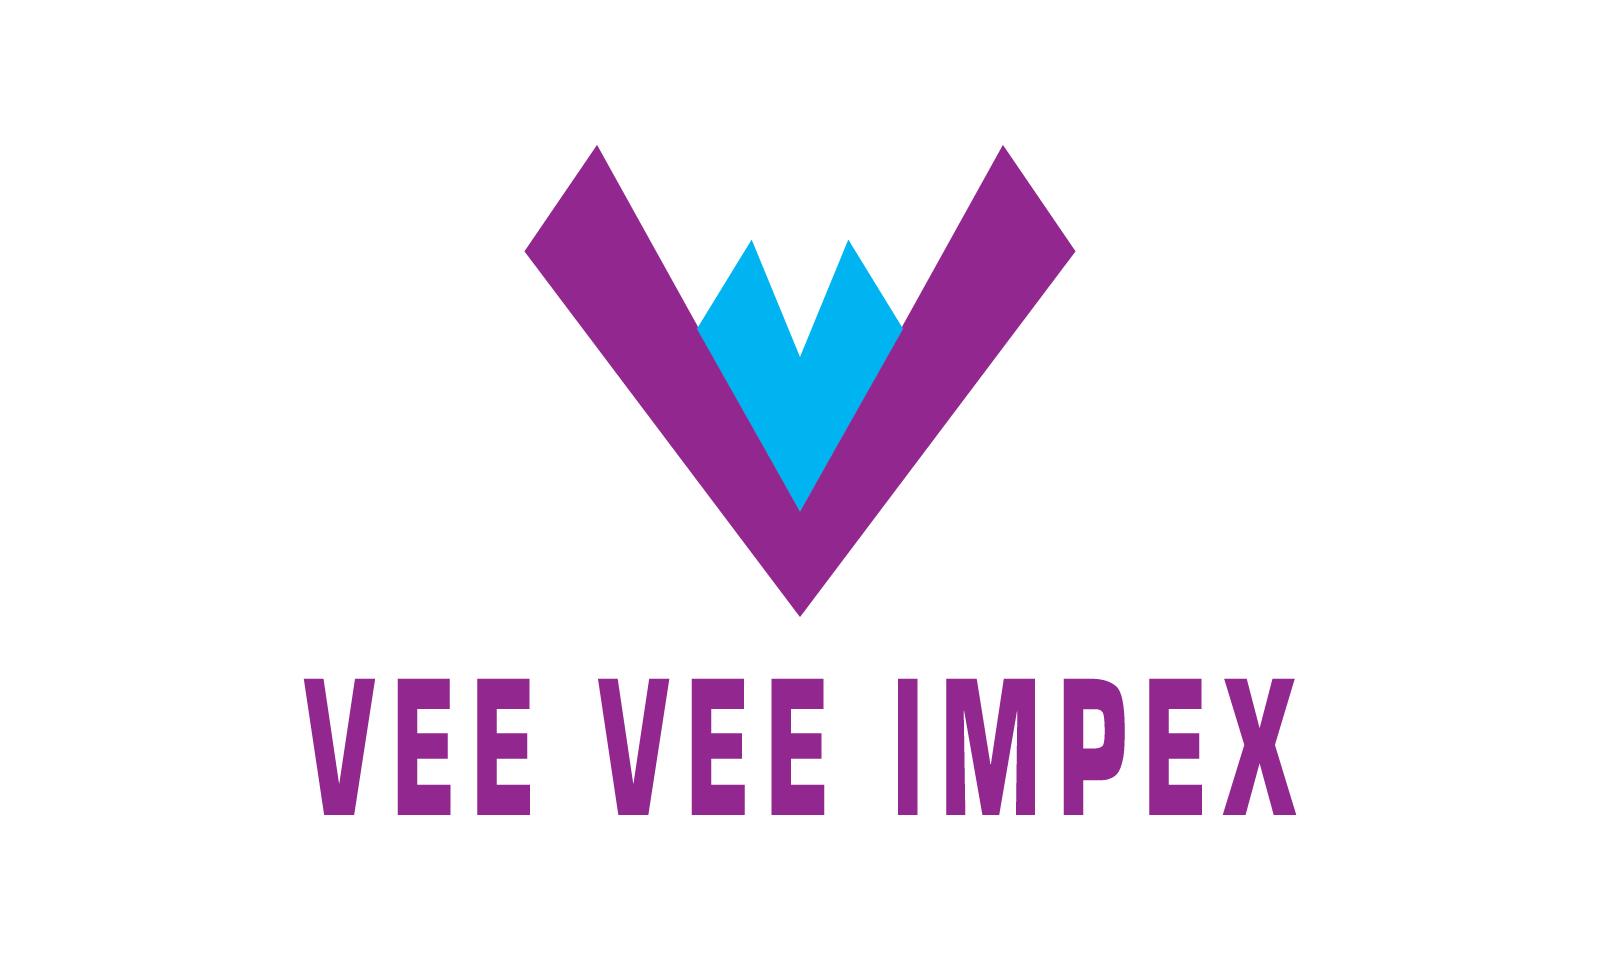 Vee Vee Impex